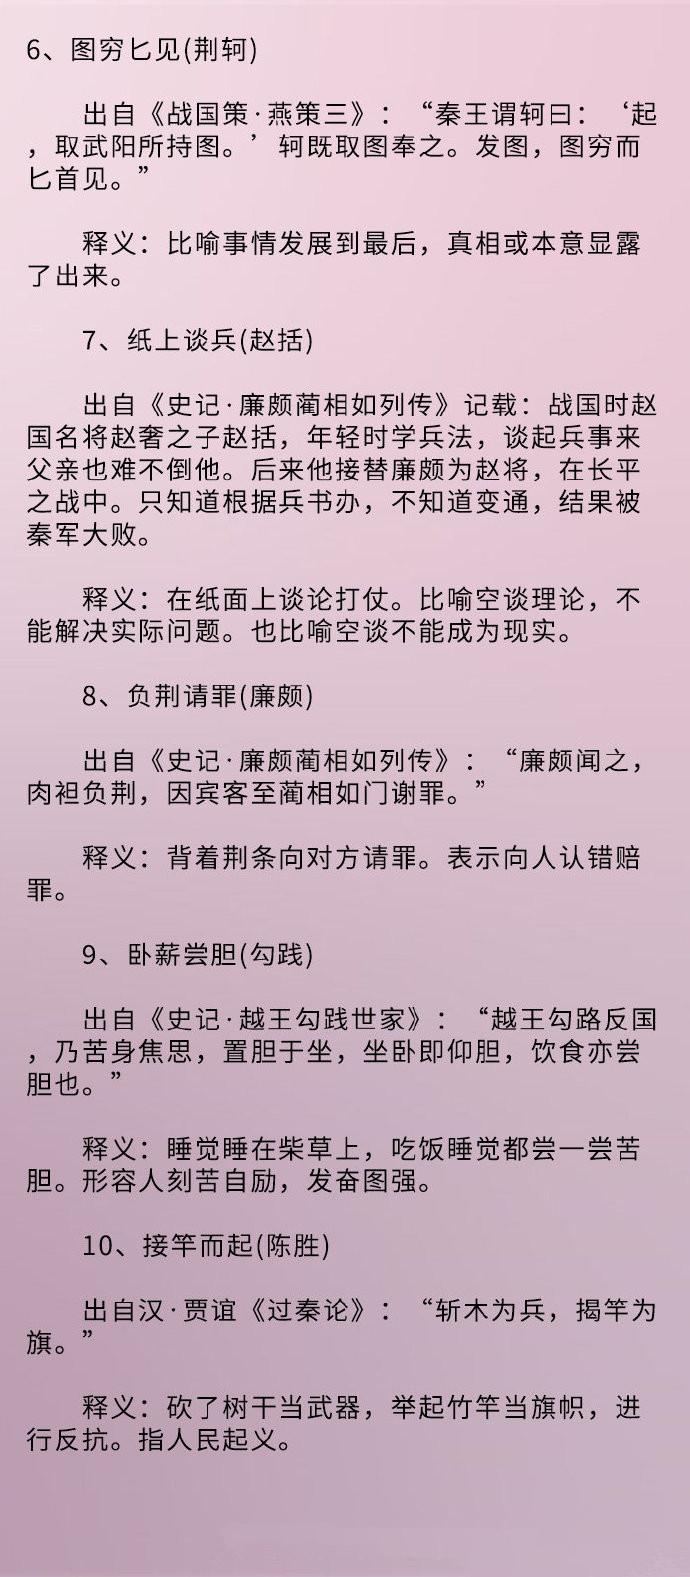 2020年河北ope体育考试常识积累:50个成语典故(上)